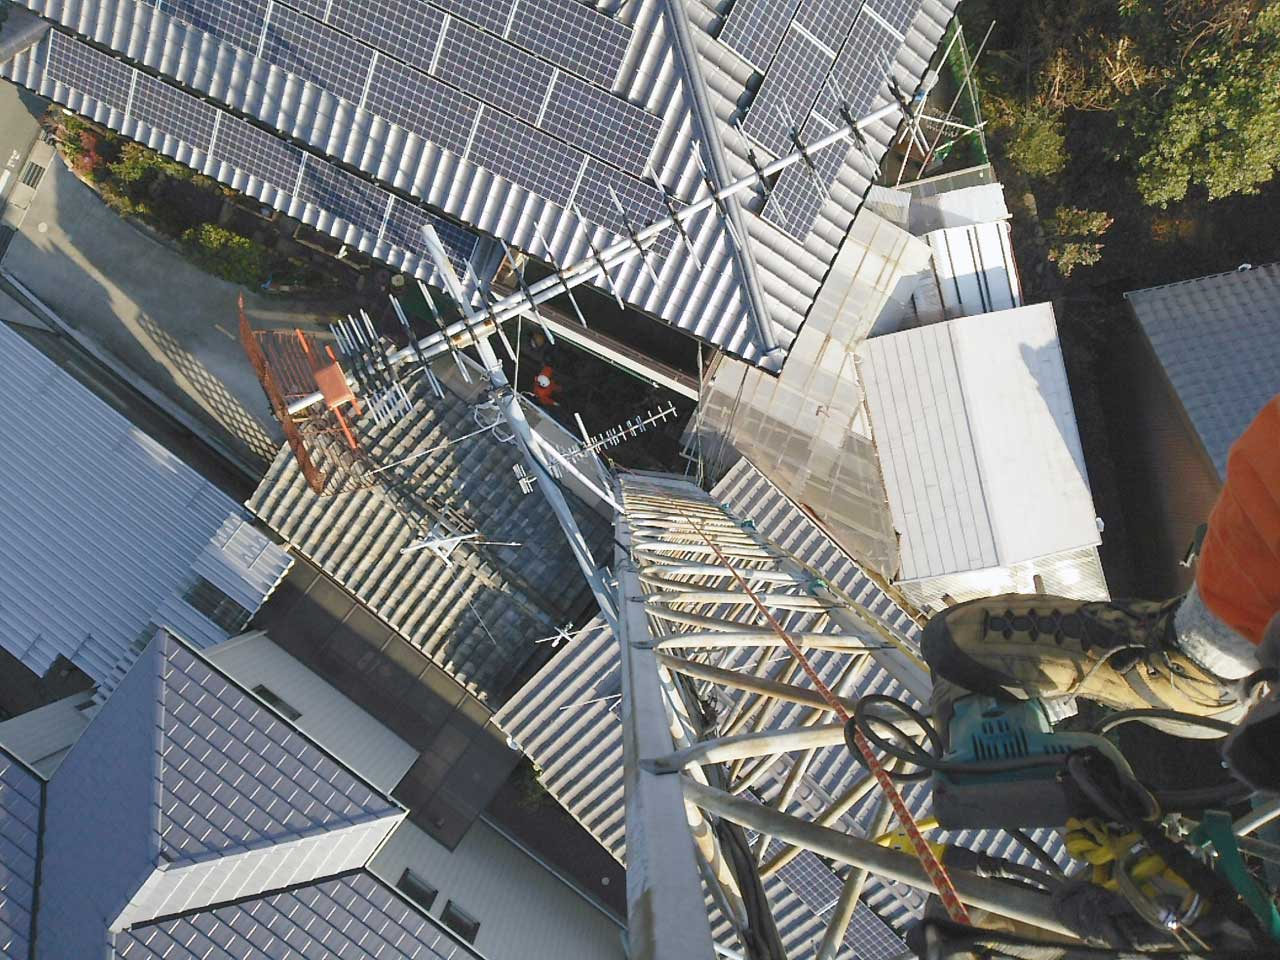 愛知県豊川市のクリエートタワー一部撤去工事